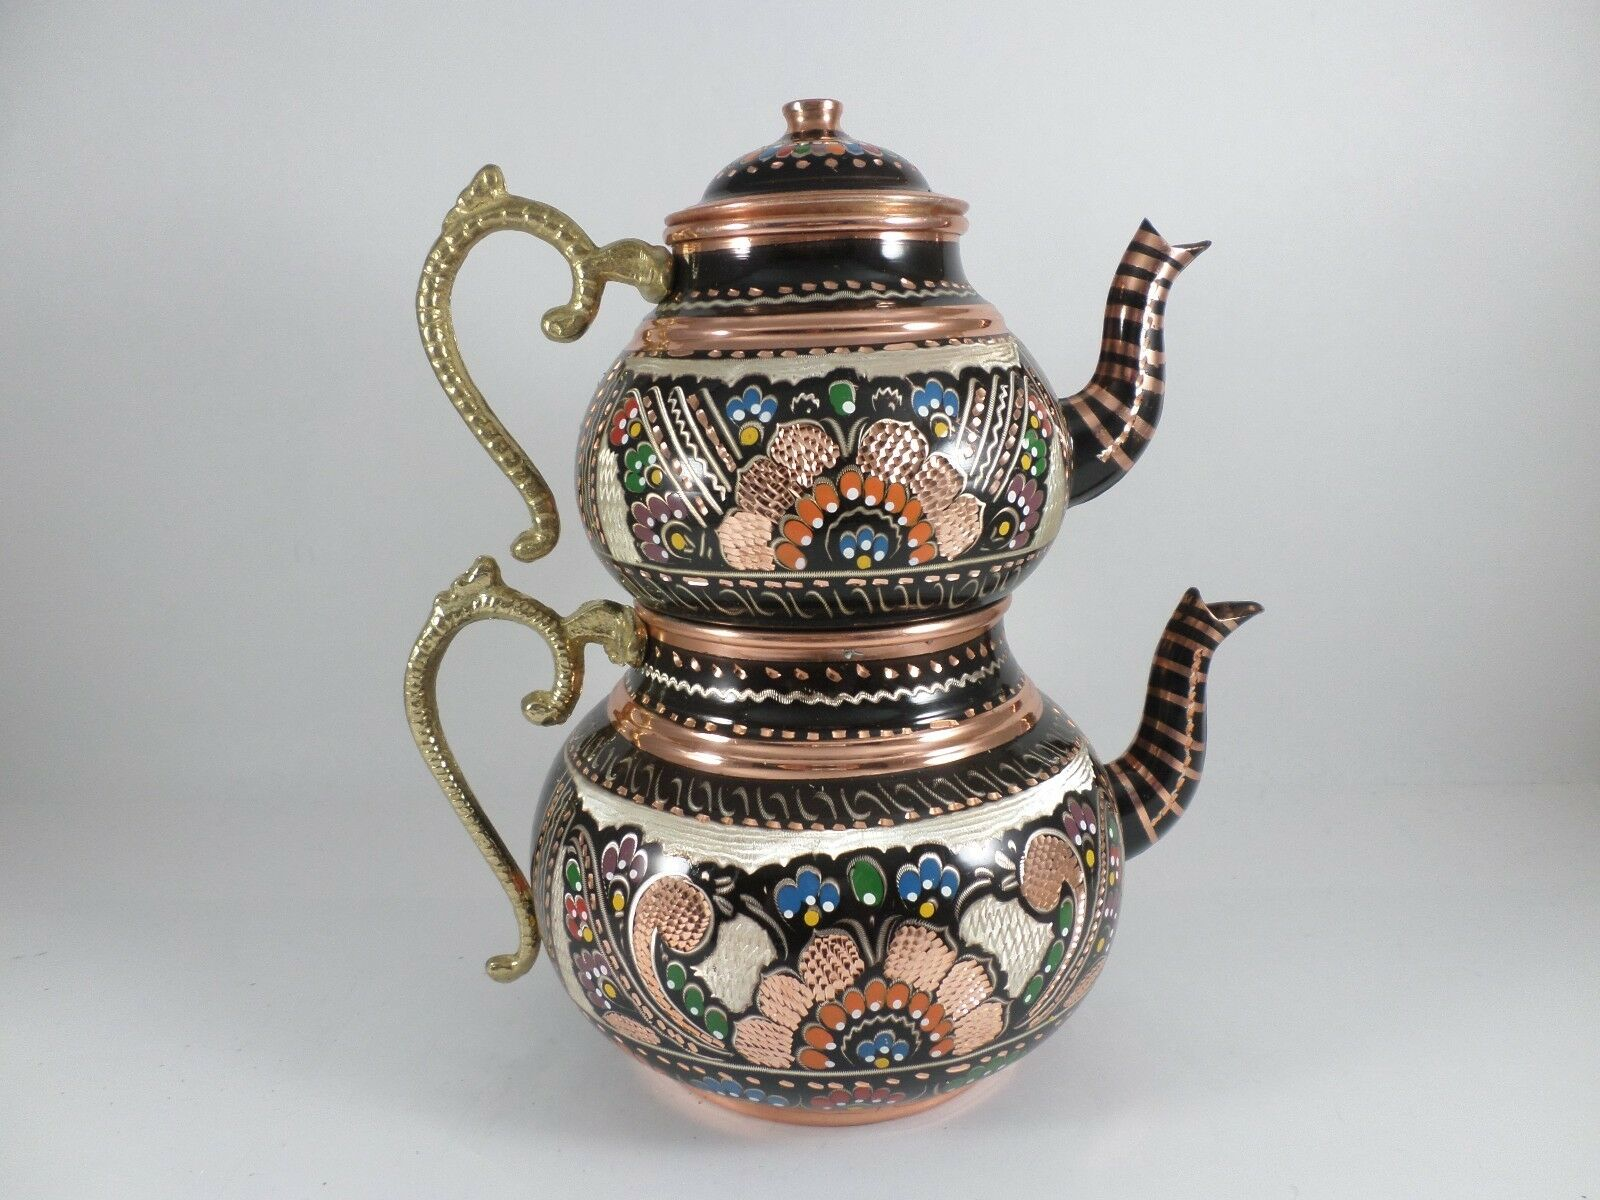 TURC traditionnel fait main en cuivre étamé Théière Set semaver-Large 26 cm